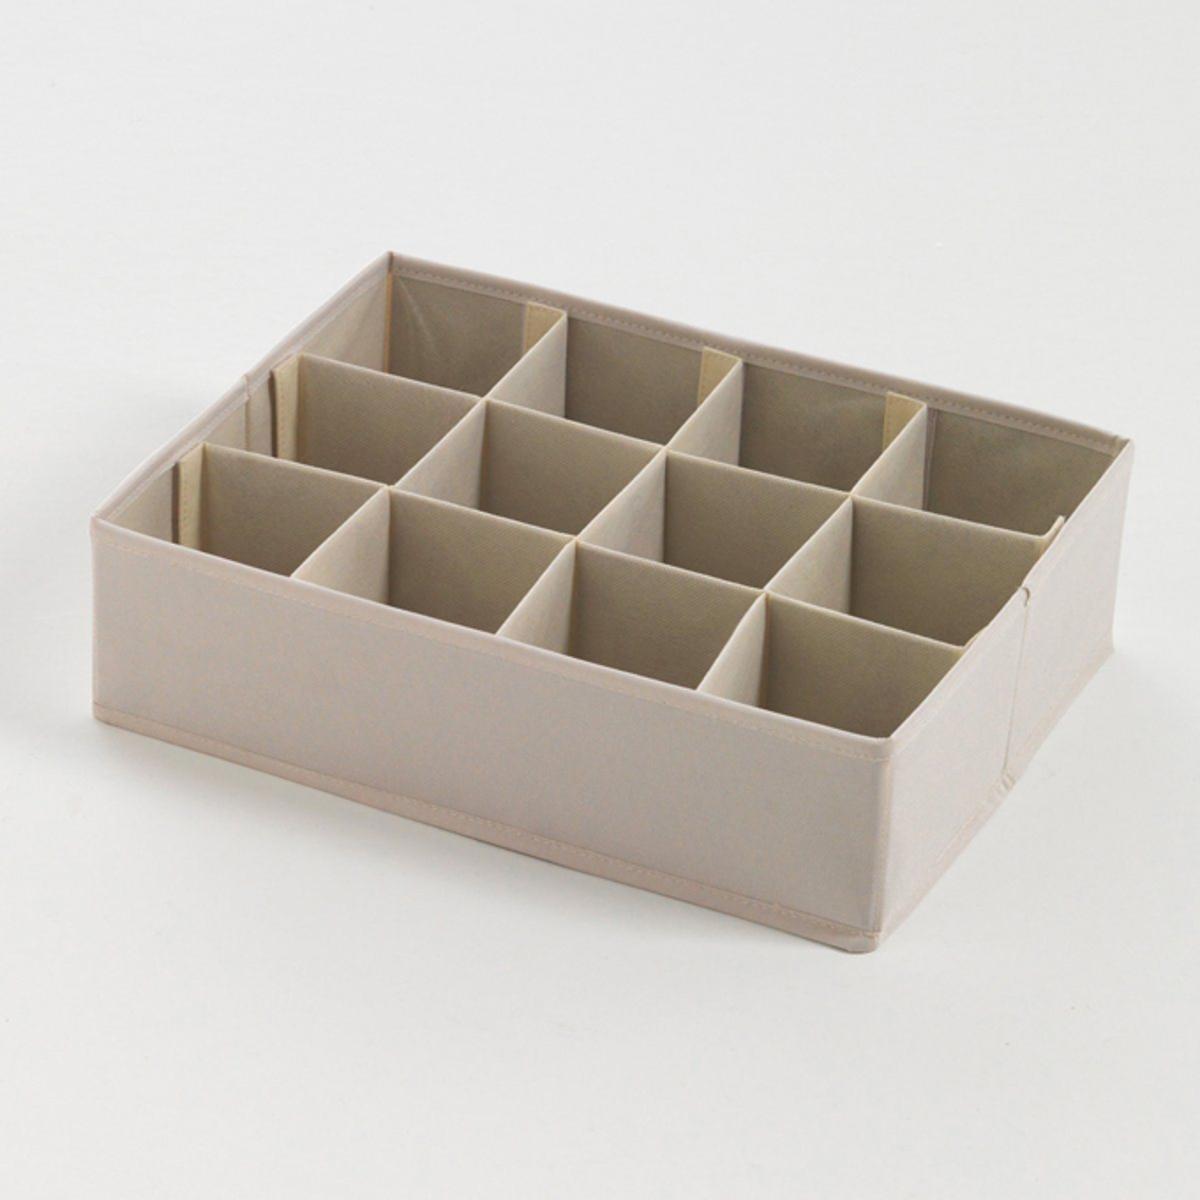 Коробка складная для  хранения вещей, 12 отделенийХарактеристики коробки для хранения вещей :- Из твердого картона, покрытого полиэстером, цвет экрю.Описание коробки для хранения вещей :- 12 отделений для хранения нижнего белья, носков, ремней, украшений... Коробка поставляется готовой к сборке, инструкция прилагается.Размеры :- Общие : Ш.,5 x В.8 x Г.8,5 см- Внутренние размеры: Ш.8,5 x В.8 x Г.8,5 см.<br><br>Цвет: серо-коричневый каштан